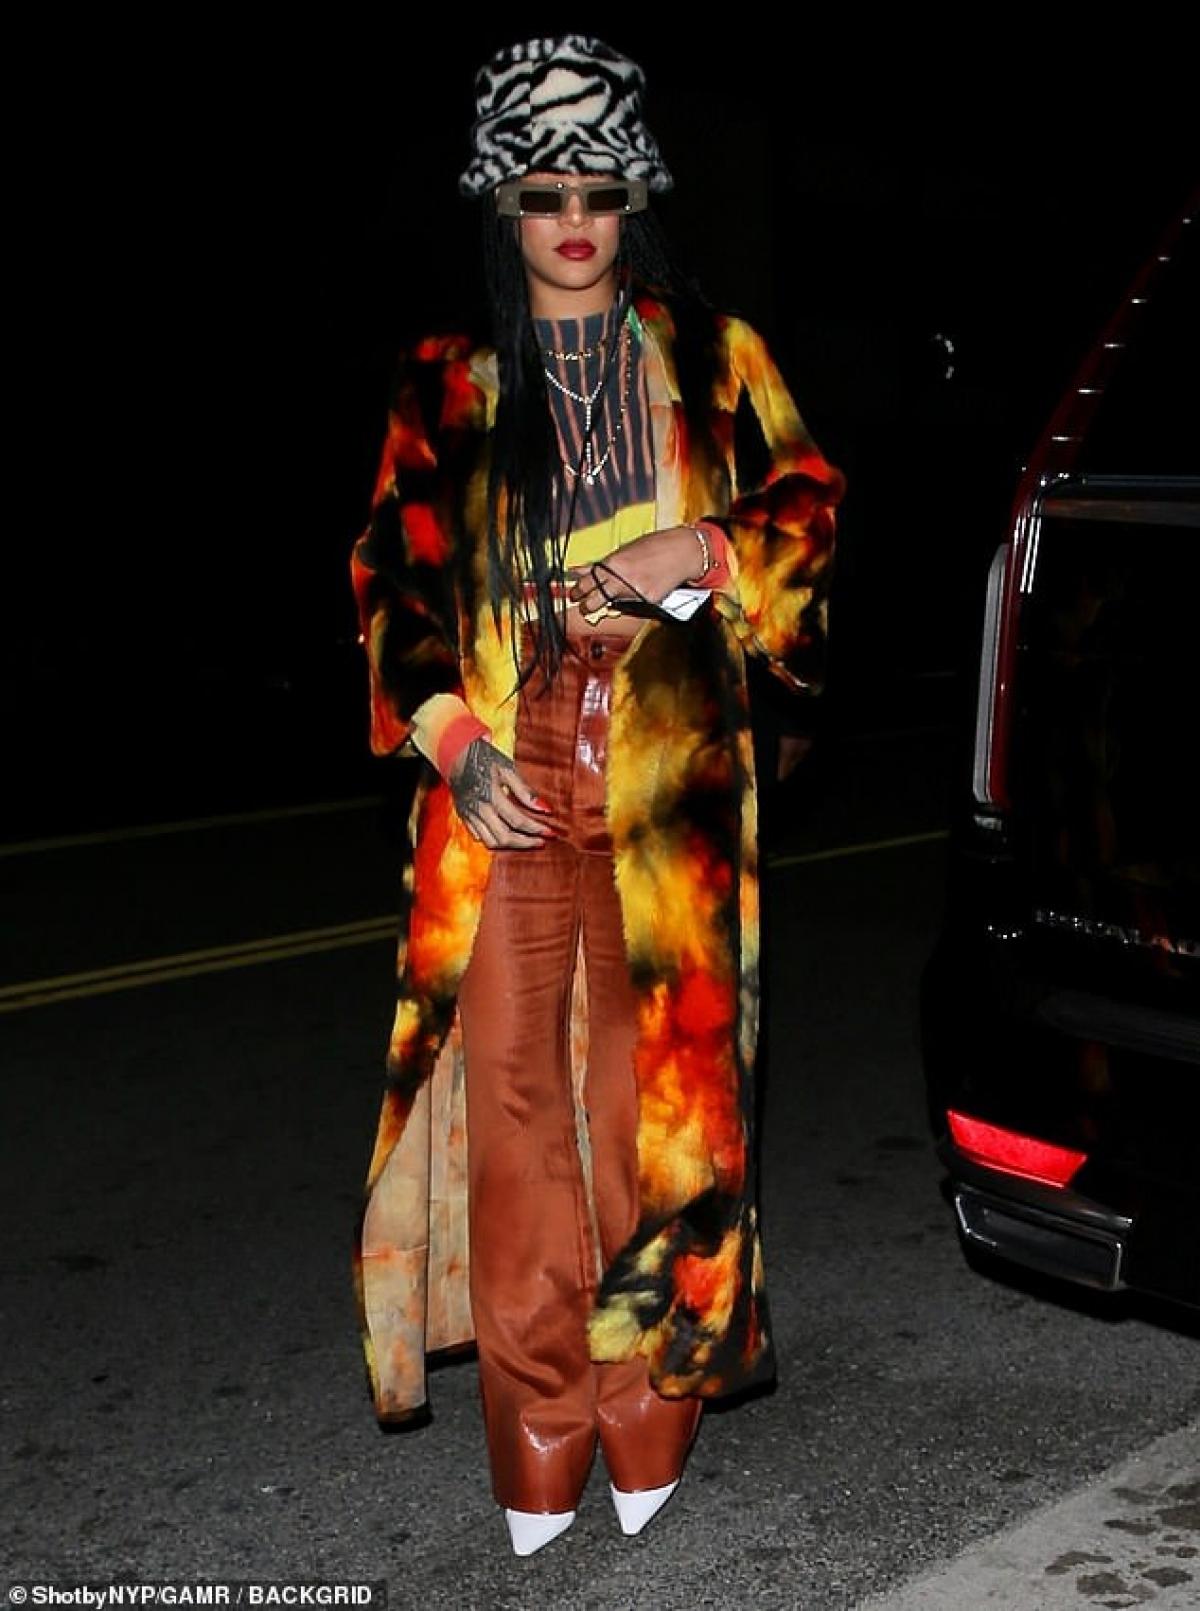 """Rihanna trở thành """"tâm điểm"""" của sự chú ý khi đi ăn tối cùng bạn bè tại nhà hàng ở Santa Monica dịp cuối tuần."""